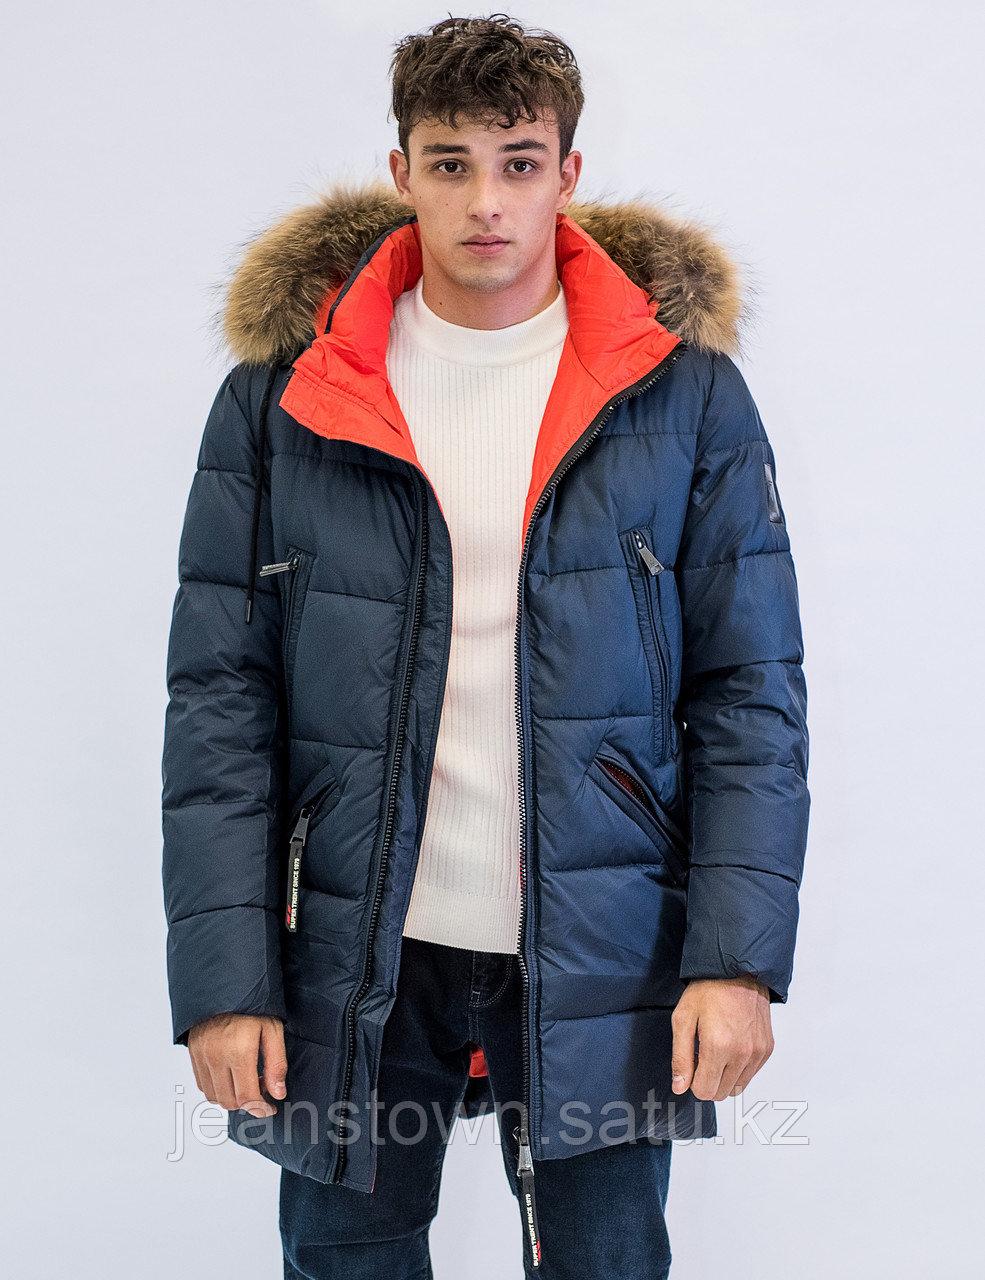 Куртка мужская зимняя Vivacana  синяя, натуральный мех на воротнике